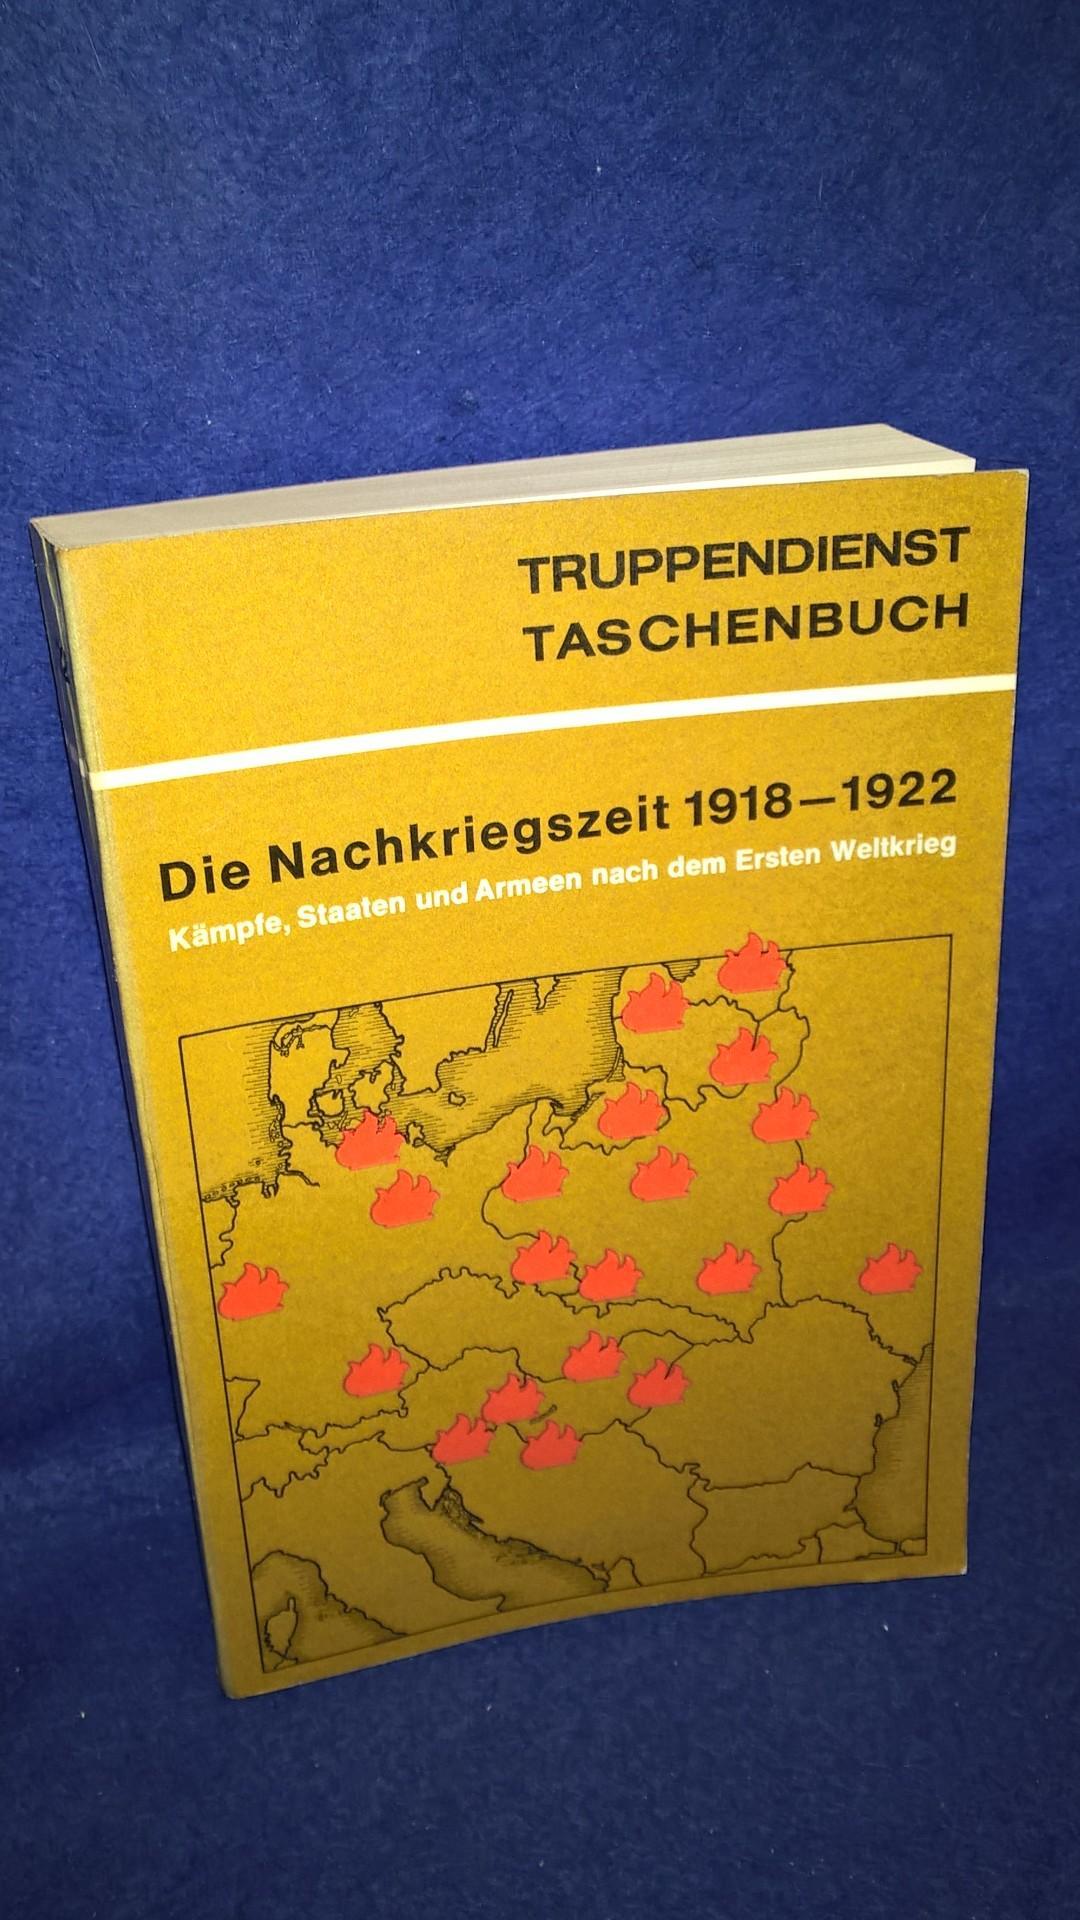 Die Nachkriegszeit 1918-1922. Kämpfe, Staaten und Armeen nach dem 1.Weltkrieg.